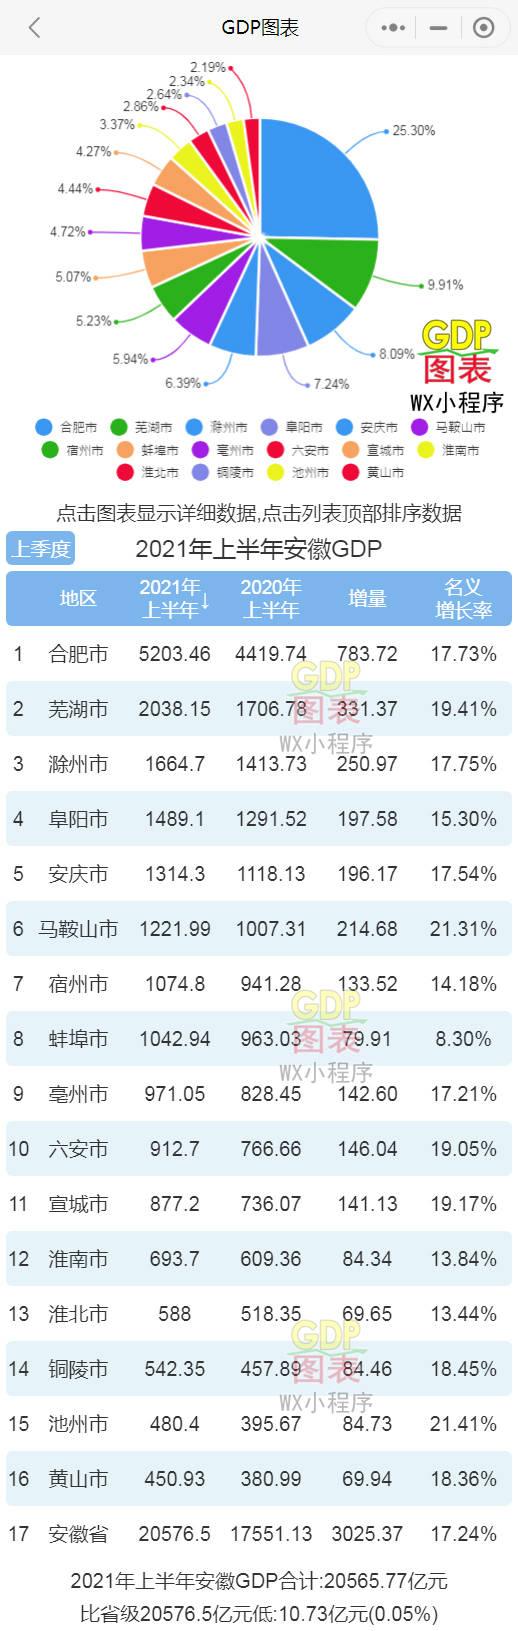 2019上半年合肥gdp_2021年上半年安徽各市GDP合肥排名第一芜湖排名第二